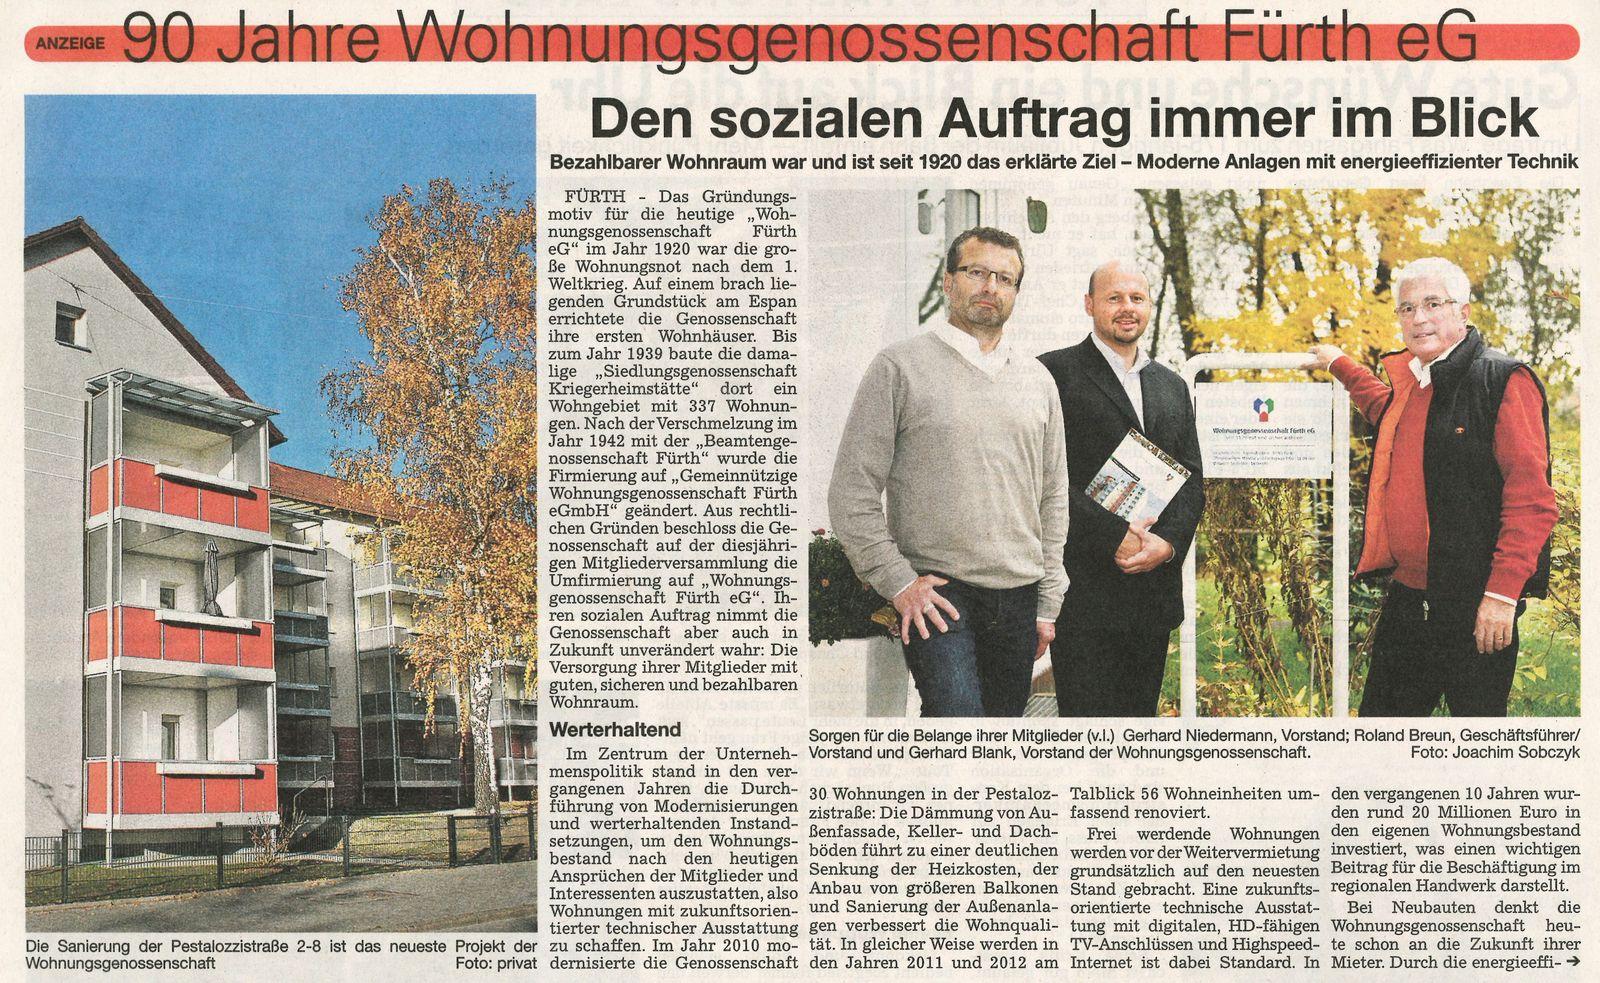 90 Jahre Wohnungsgenossenschaft Fürth eG …